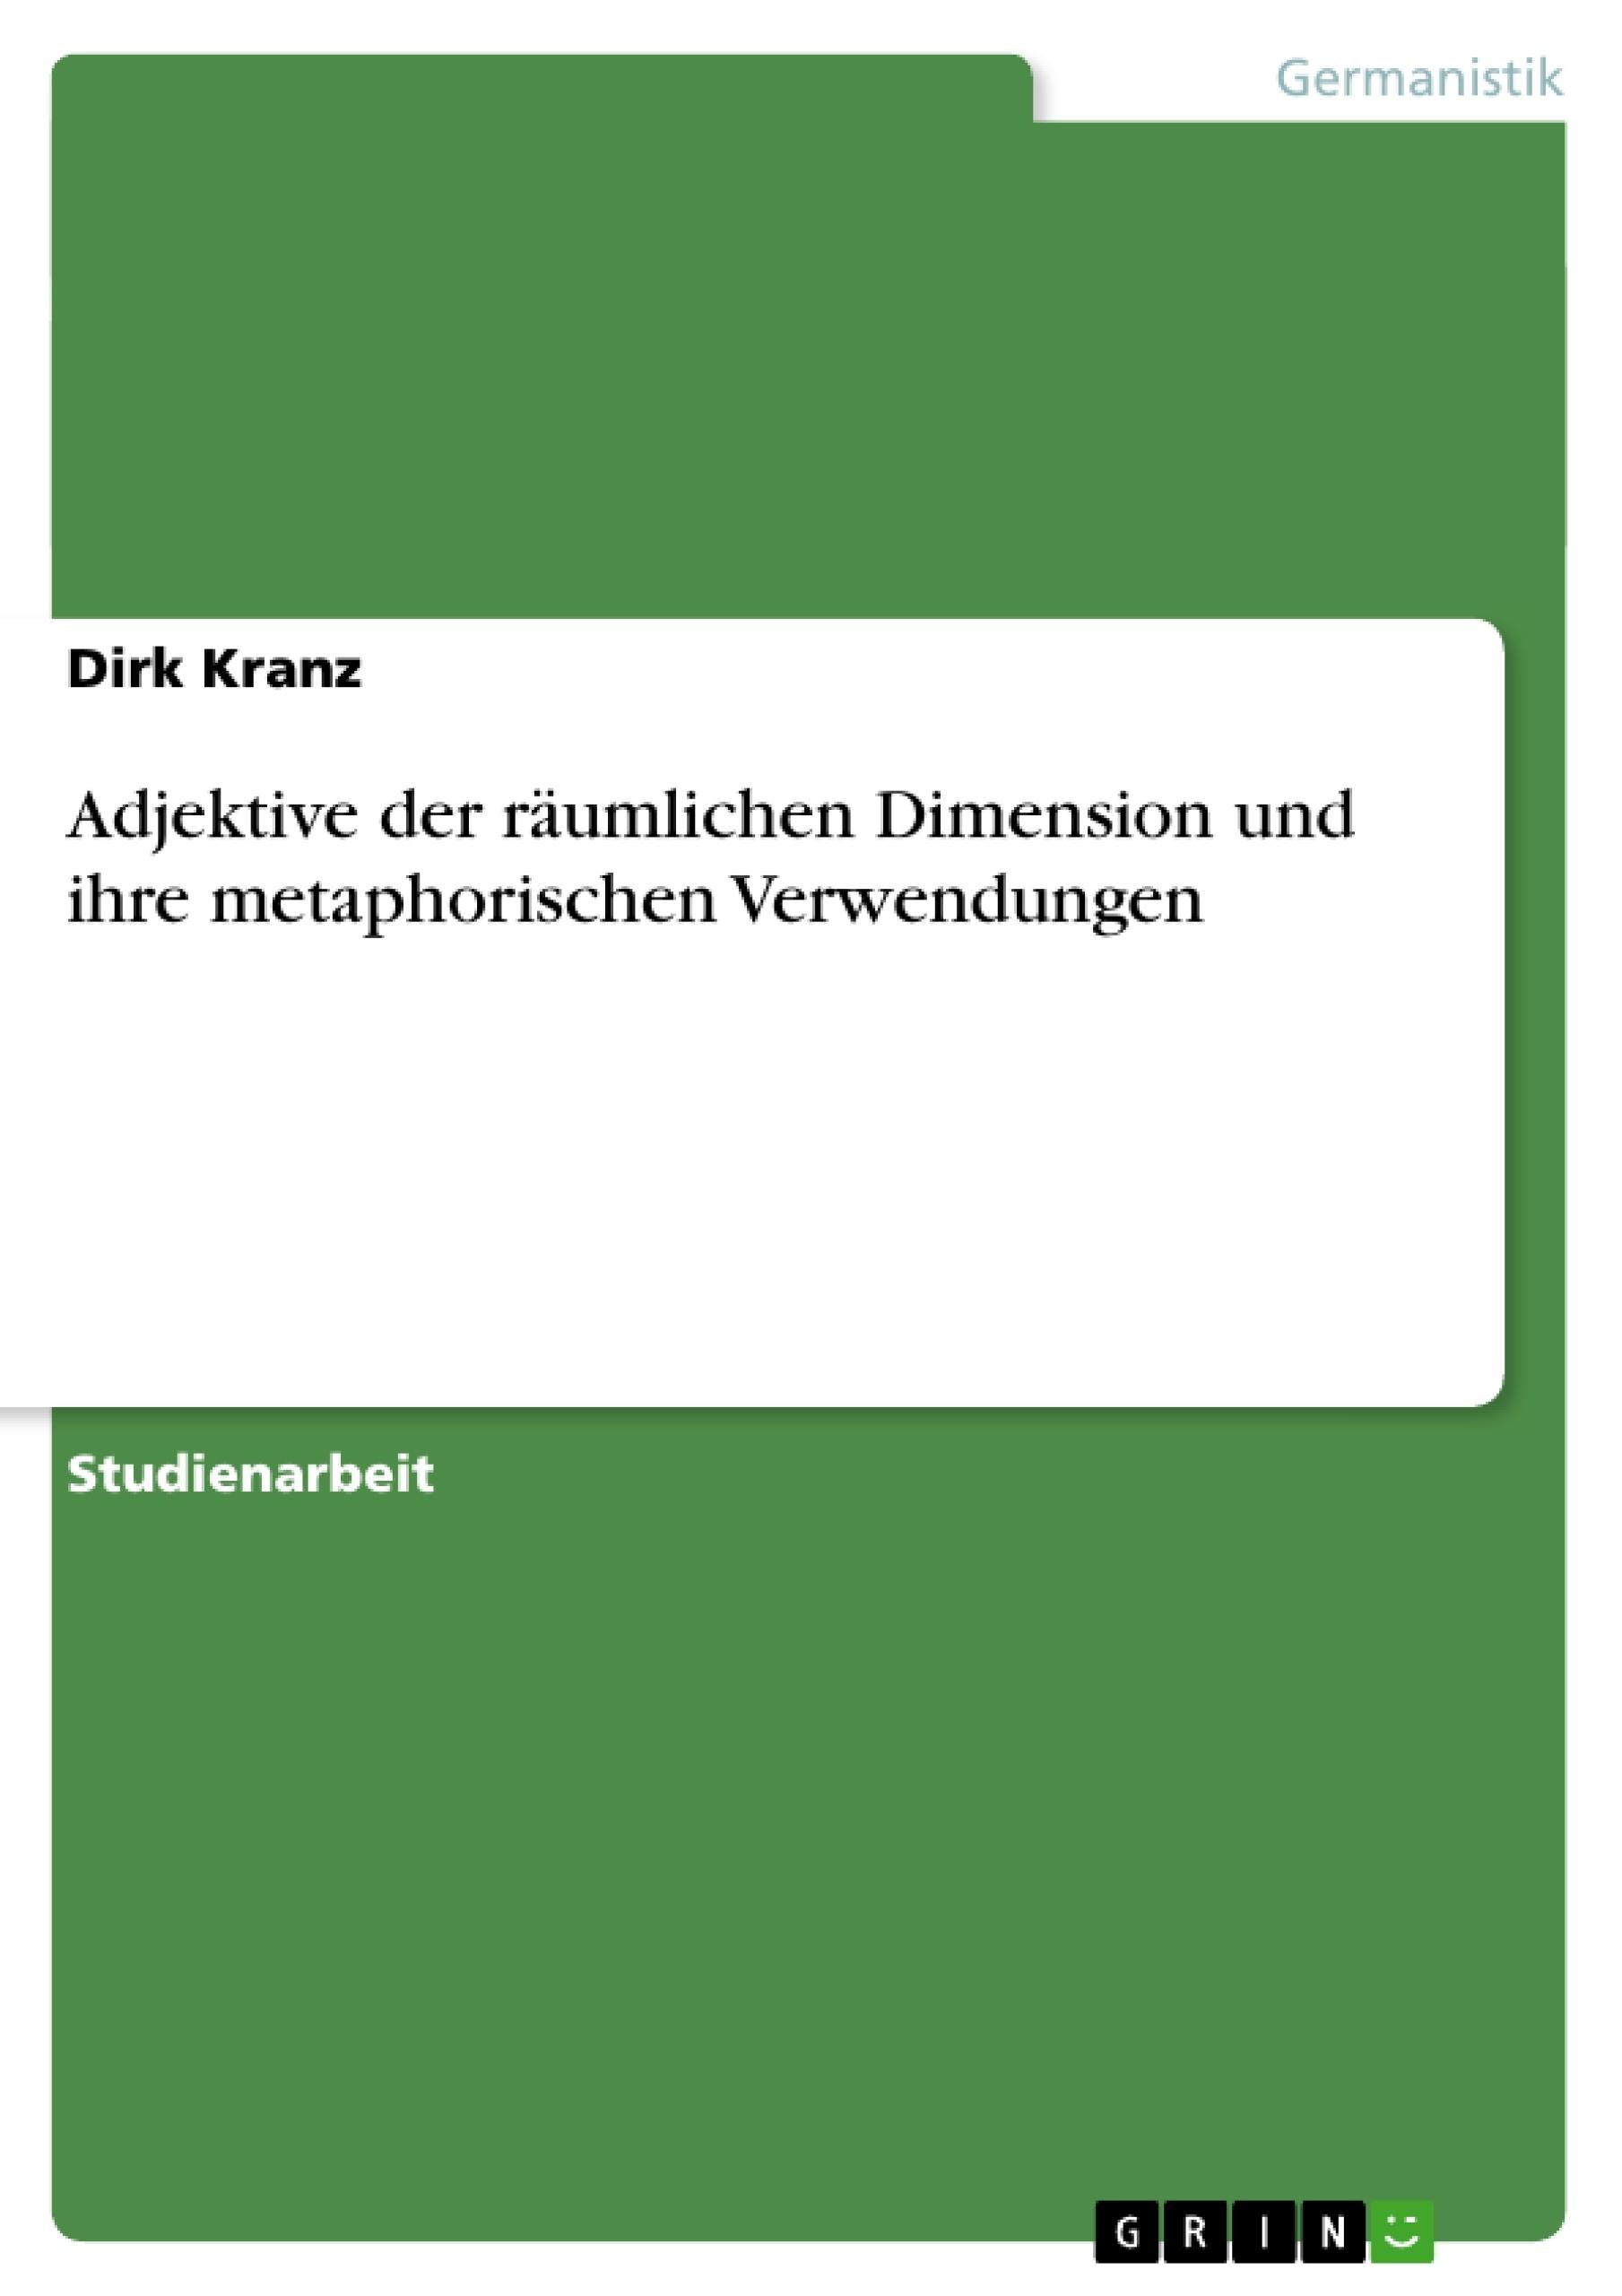 Titel: Adjektive der räumlichen Dimension und ihre metaphorischen Verwendungen